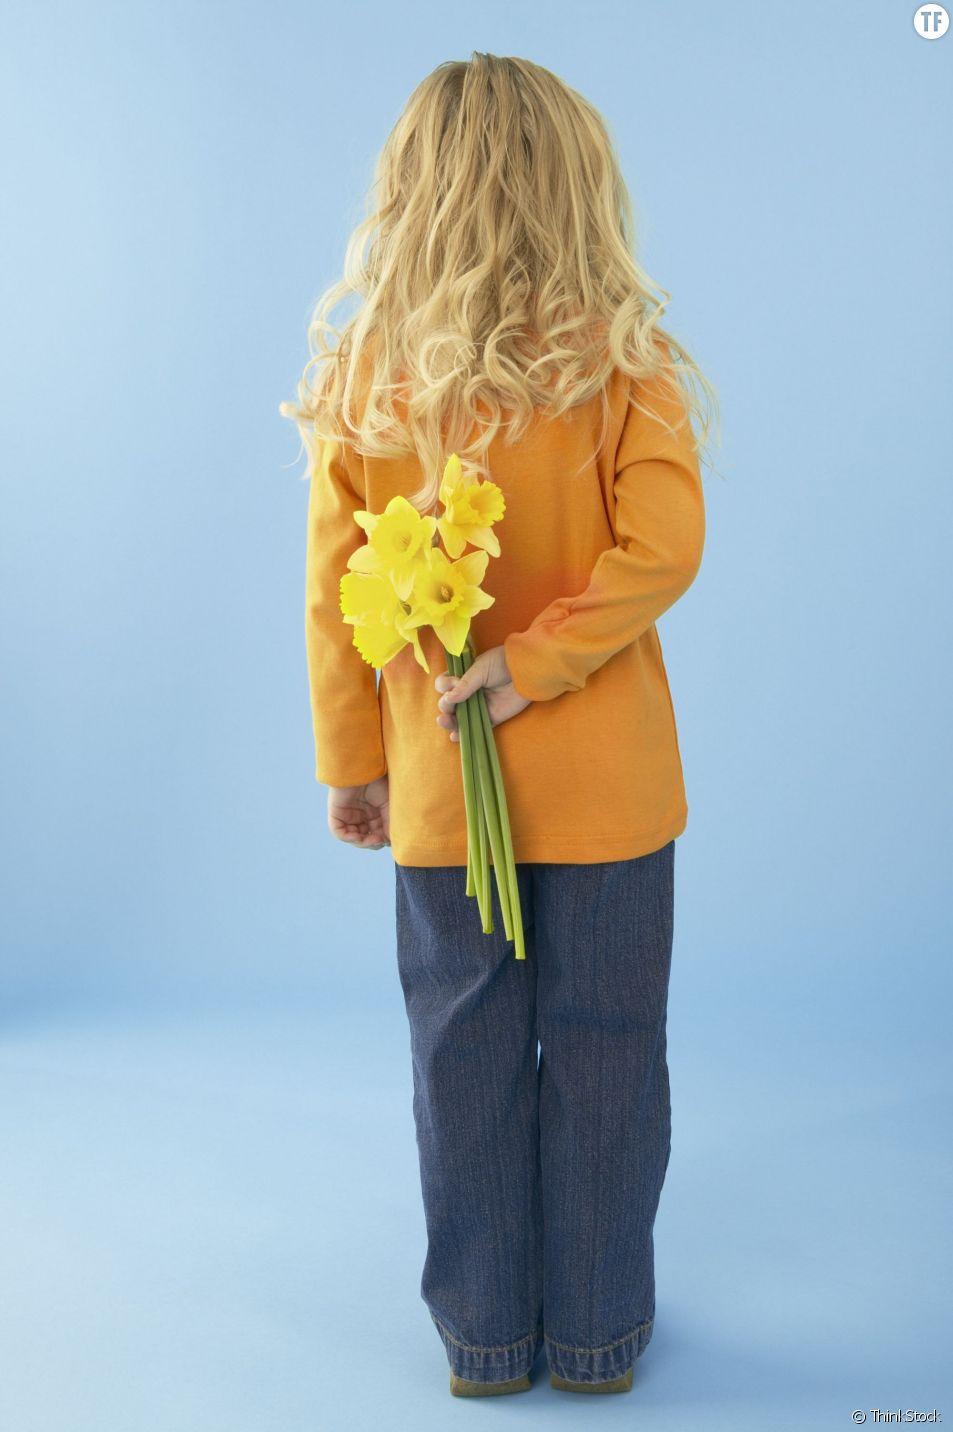 Un joli bouquet de fleurs pour la fête des mères.